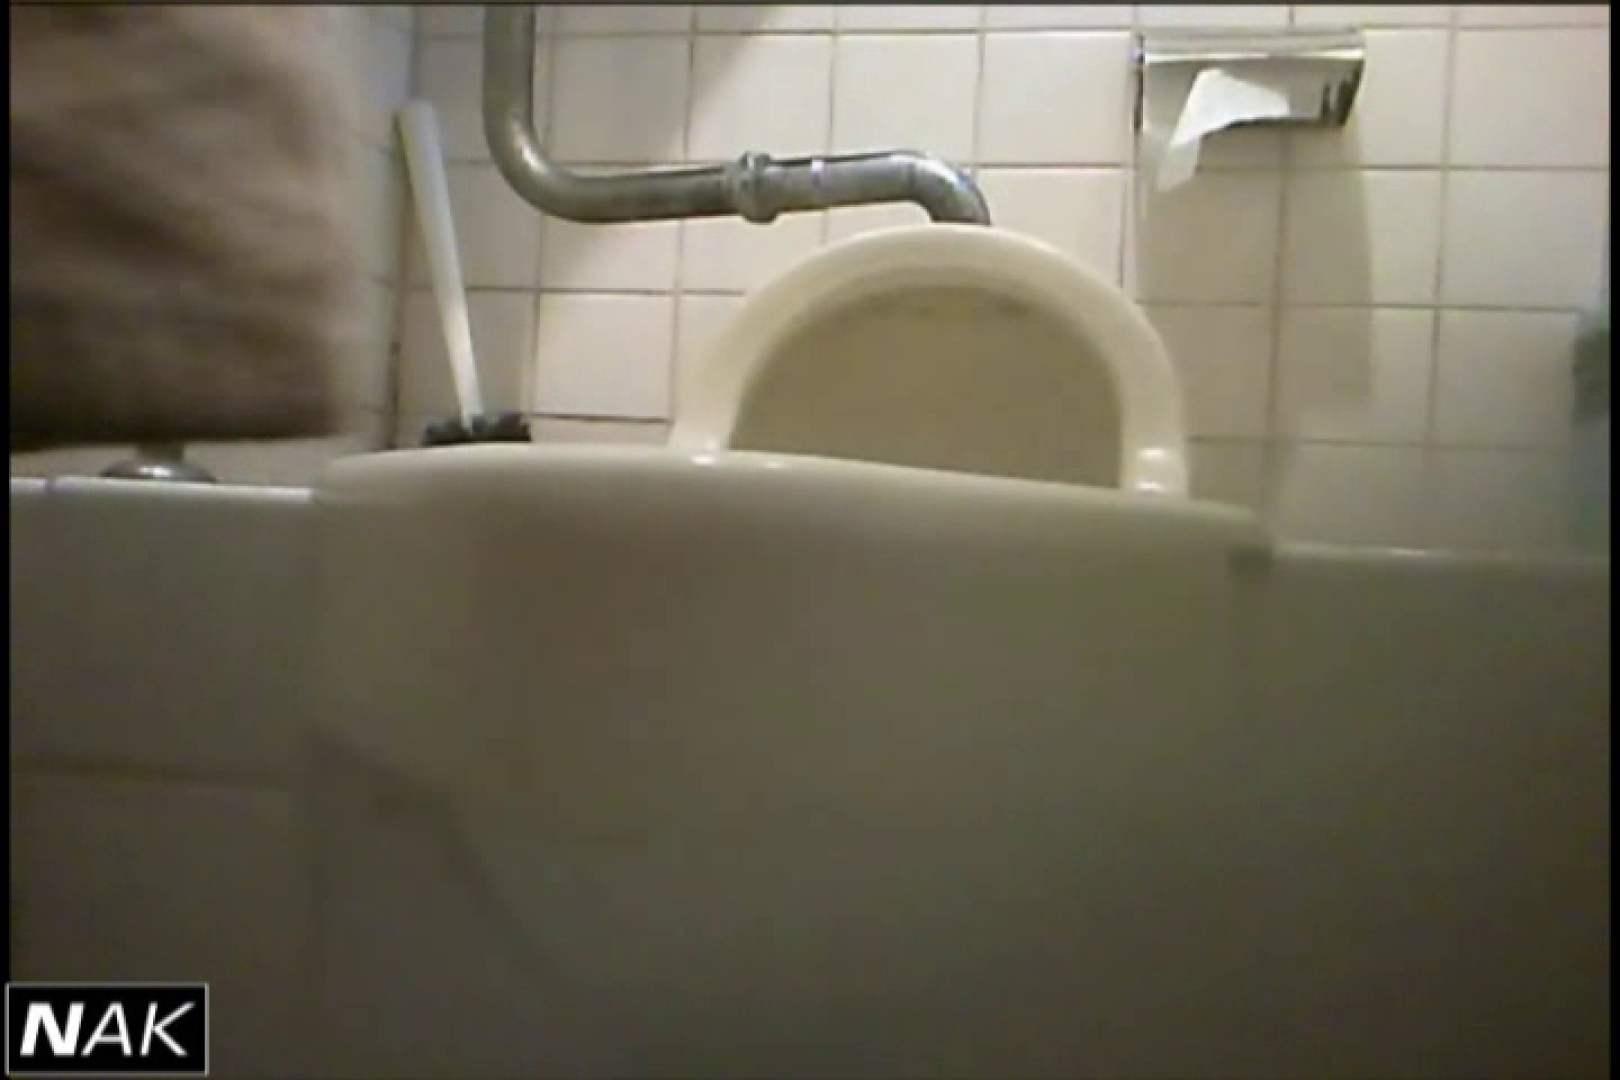 亀さんかわや VIP和式2カメバージョン! vol.01 黄金水 オマンコ動画キャプチャ 92枚